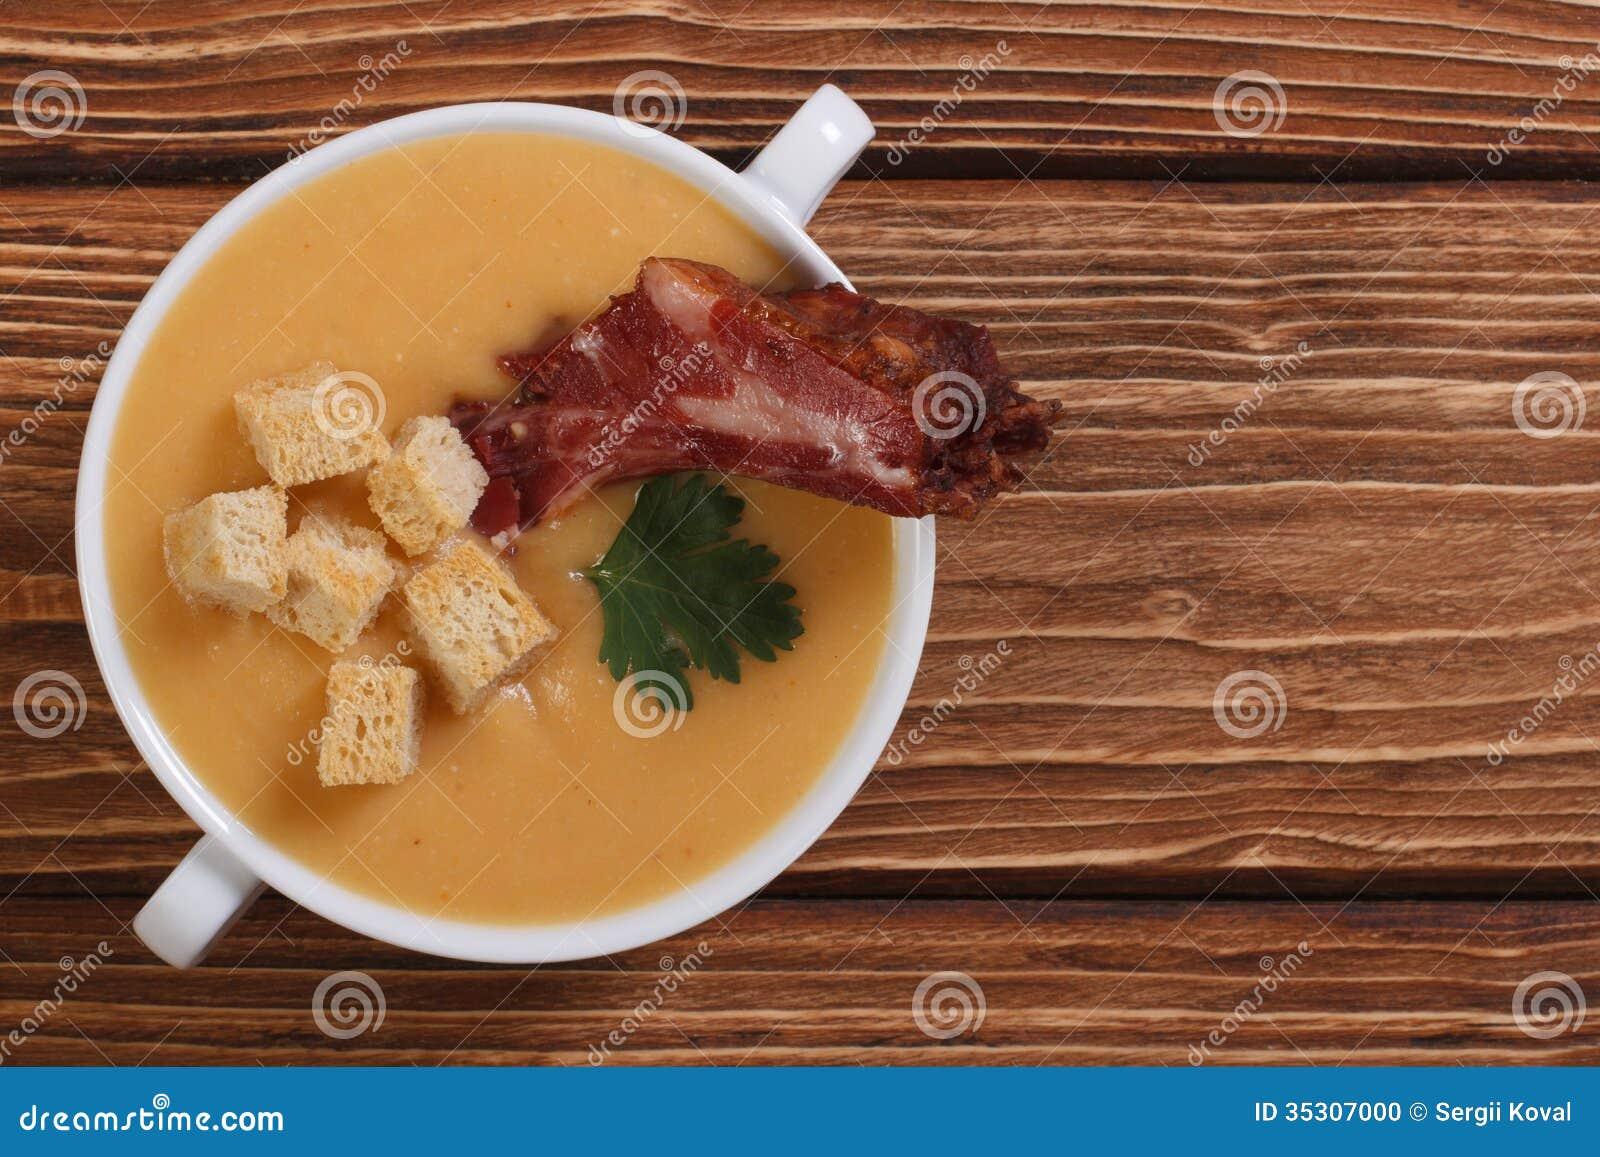 Sopa de ervilha com carne. vista superior